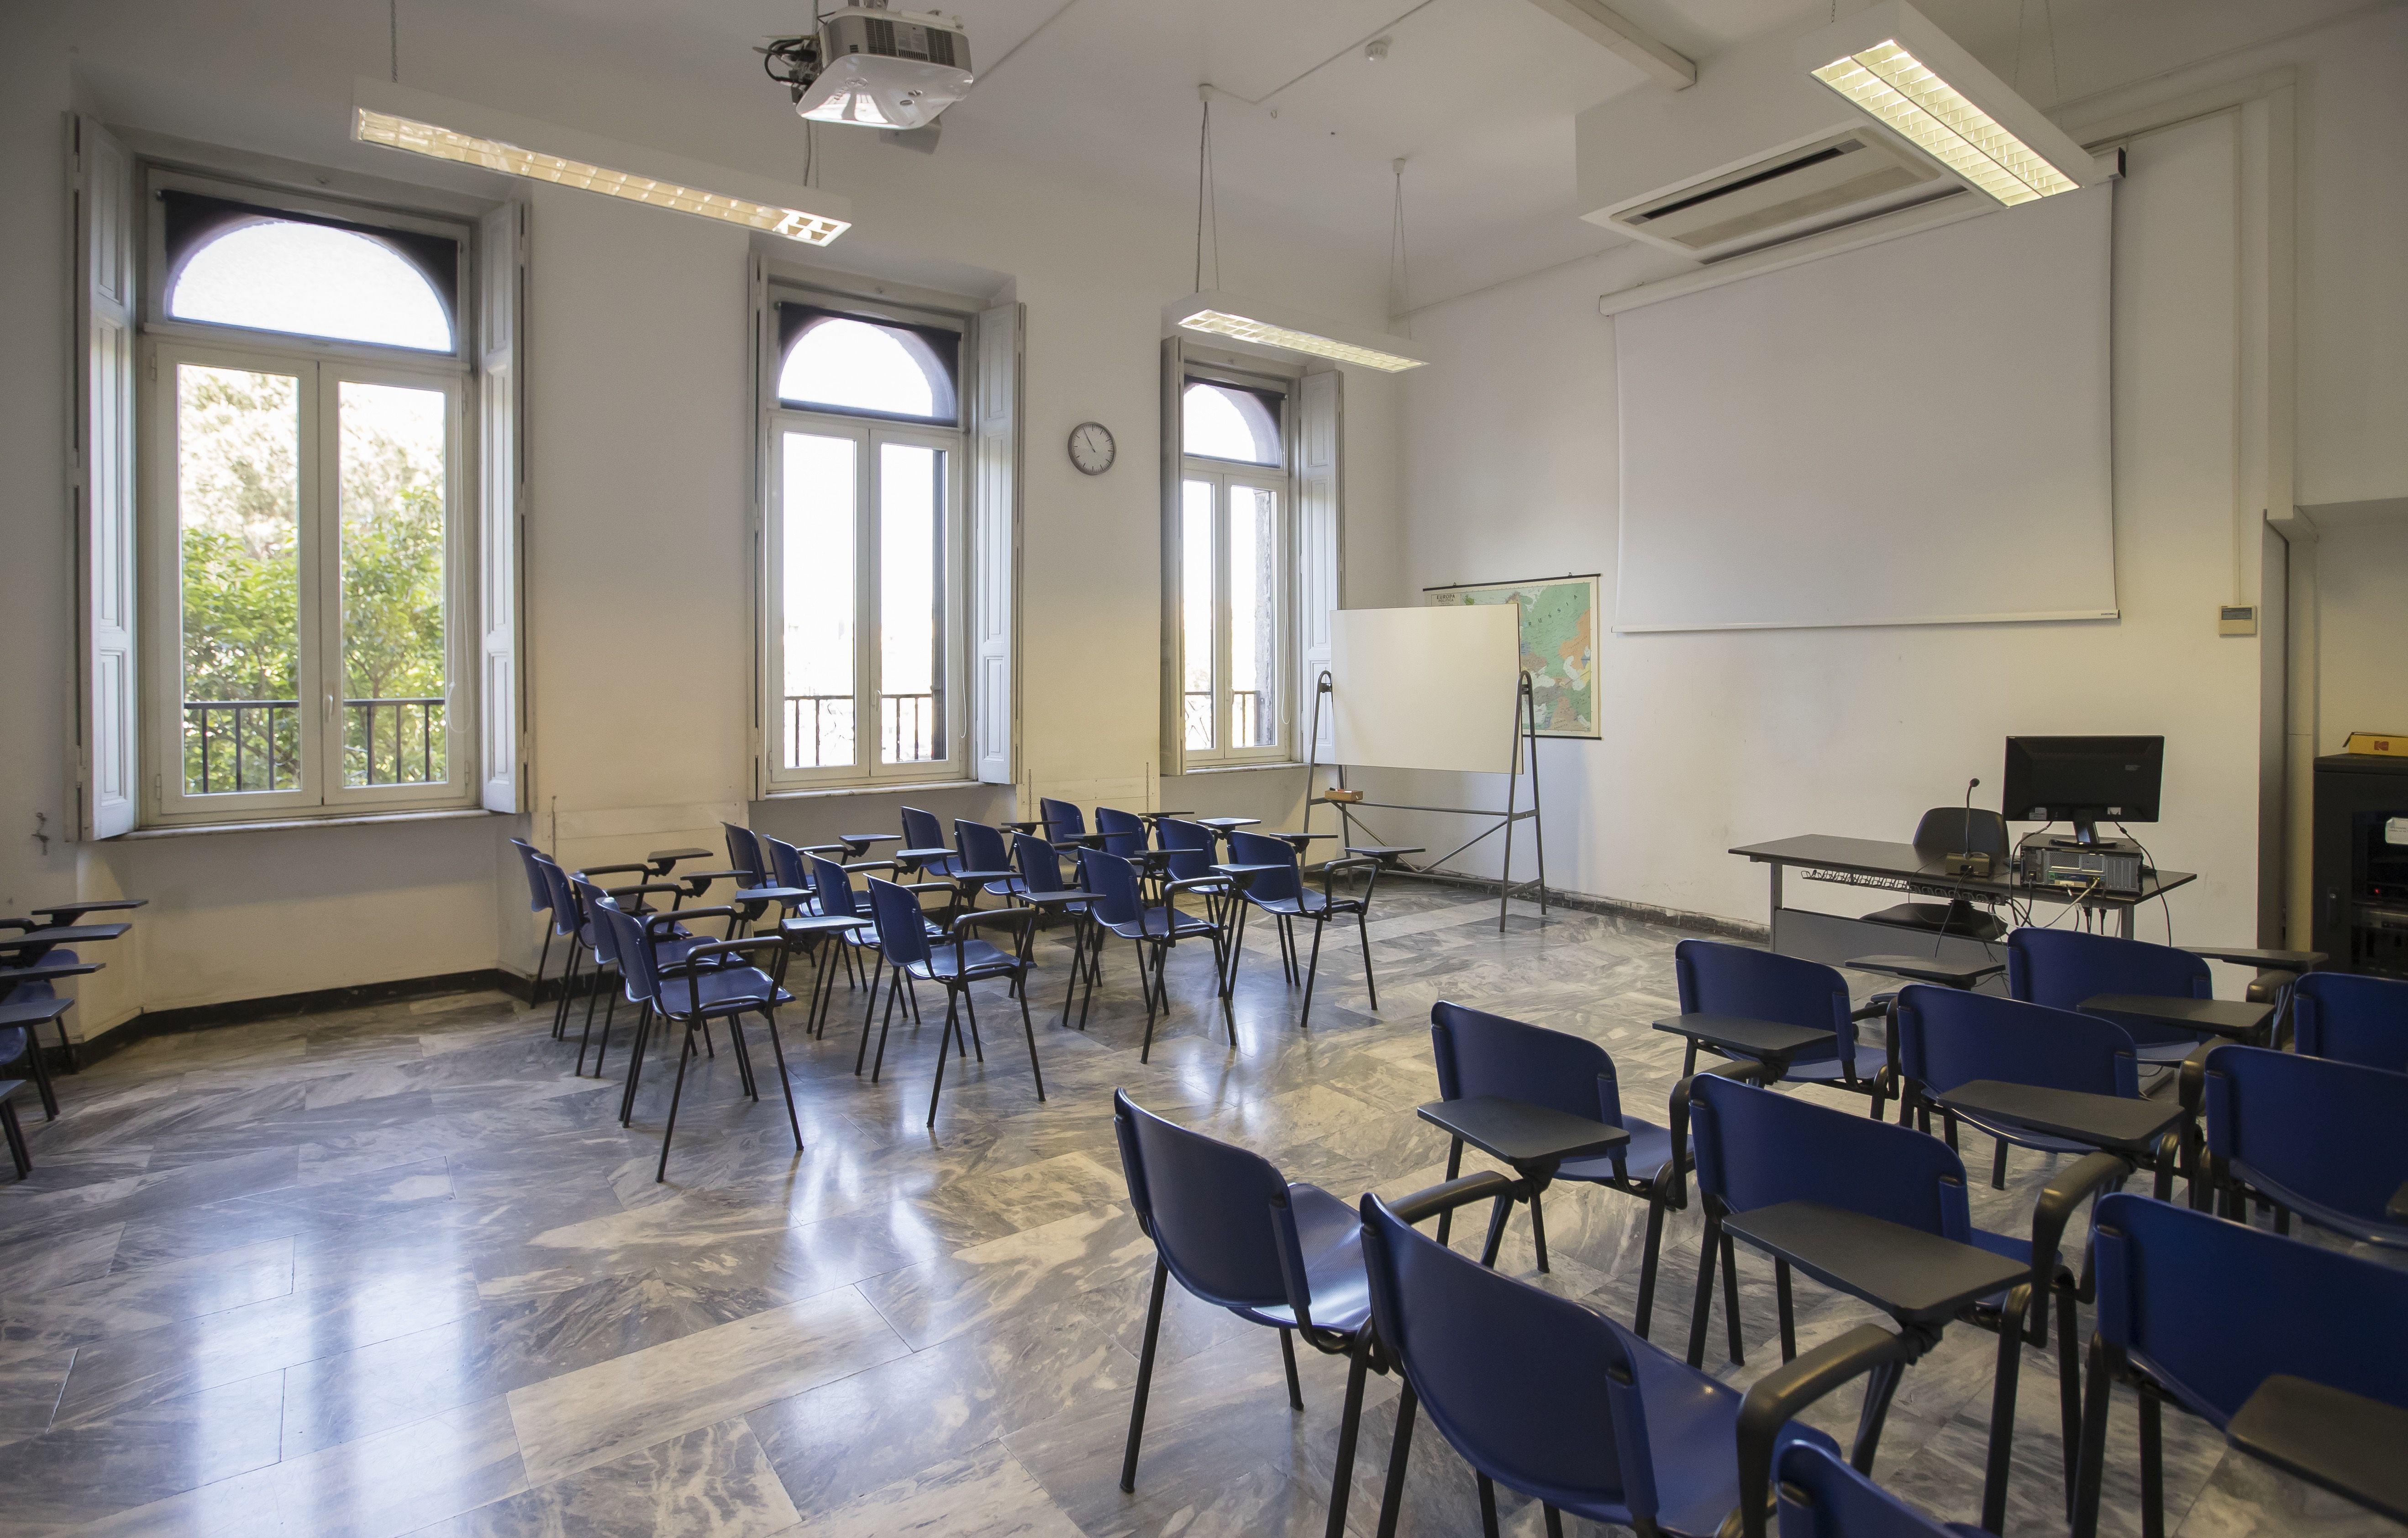 Temple Rome Classroom 6